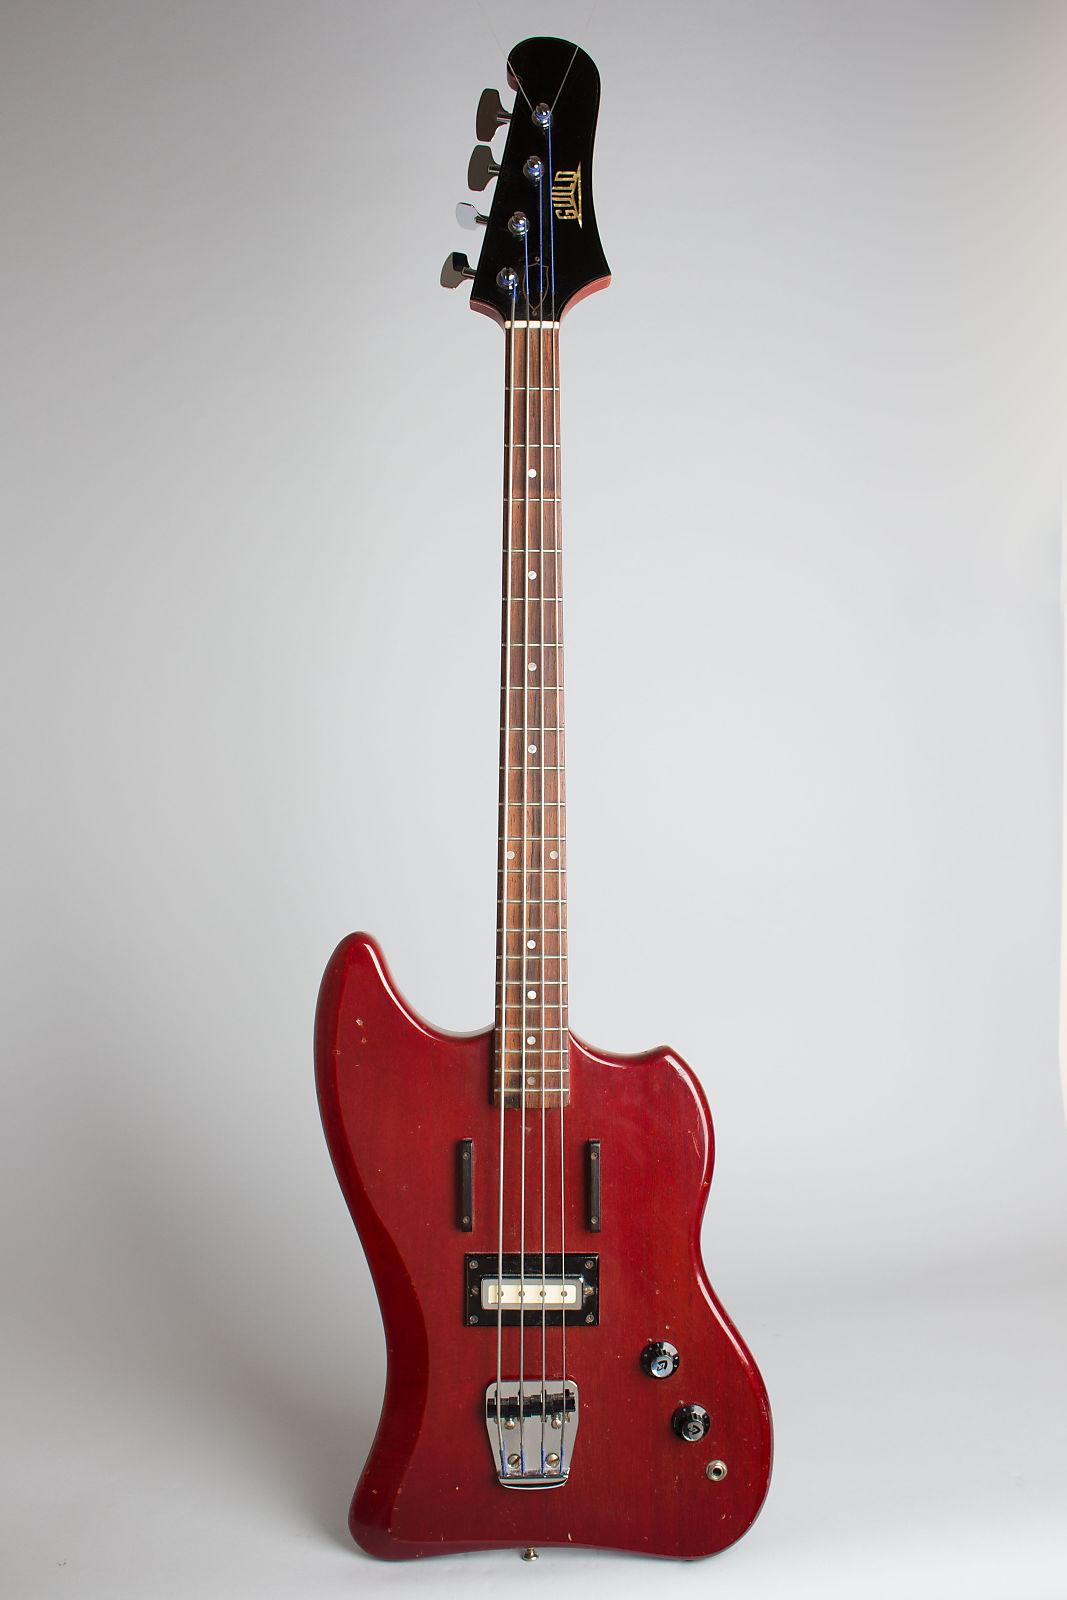 Guild  Jet Star Solid Body Electric Bass Guitar (1966), ser. #SD-240, original gig bag case.